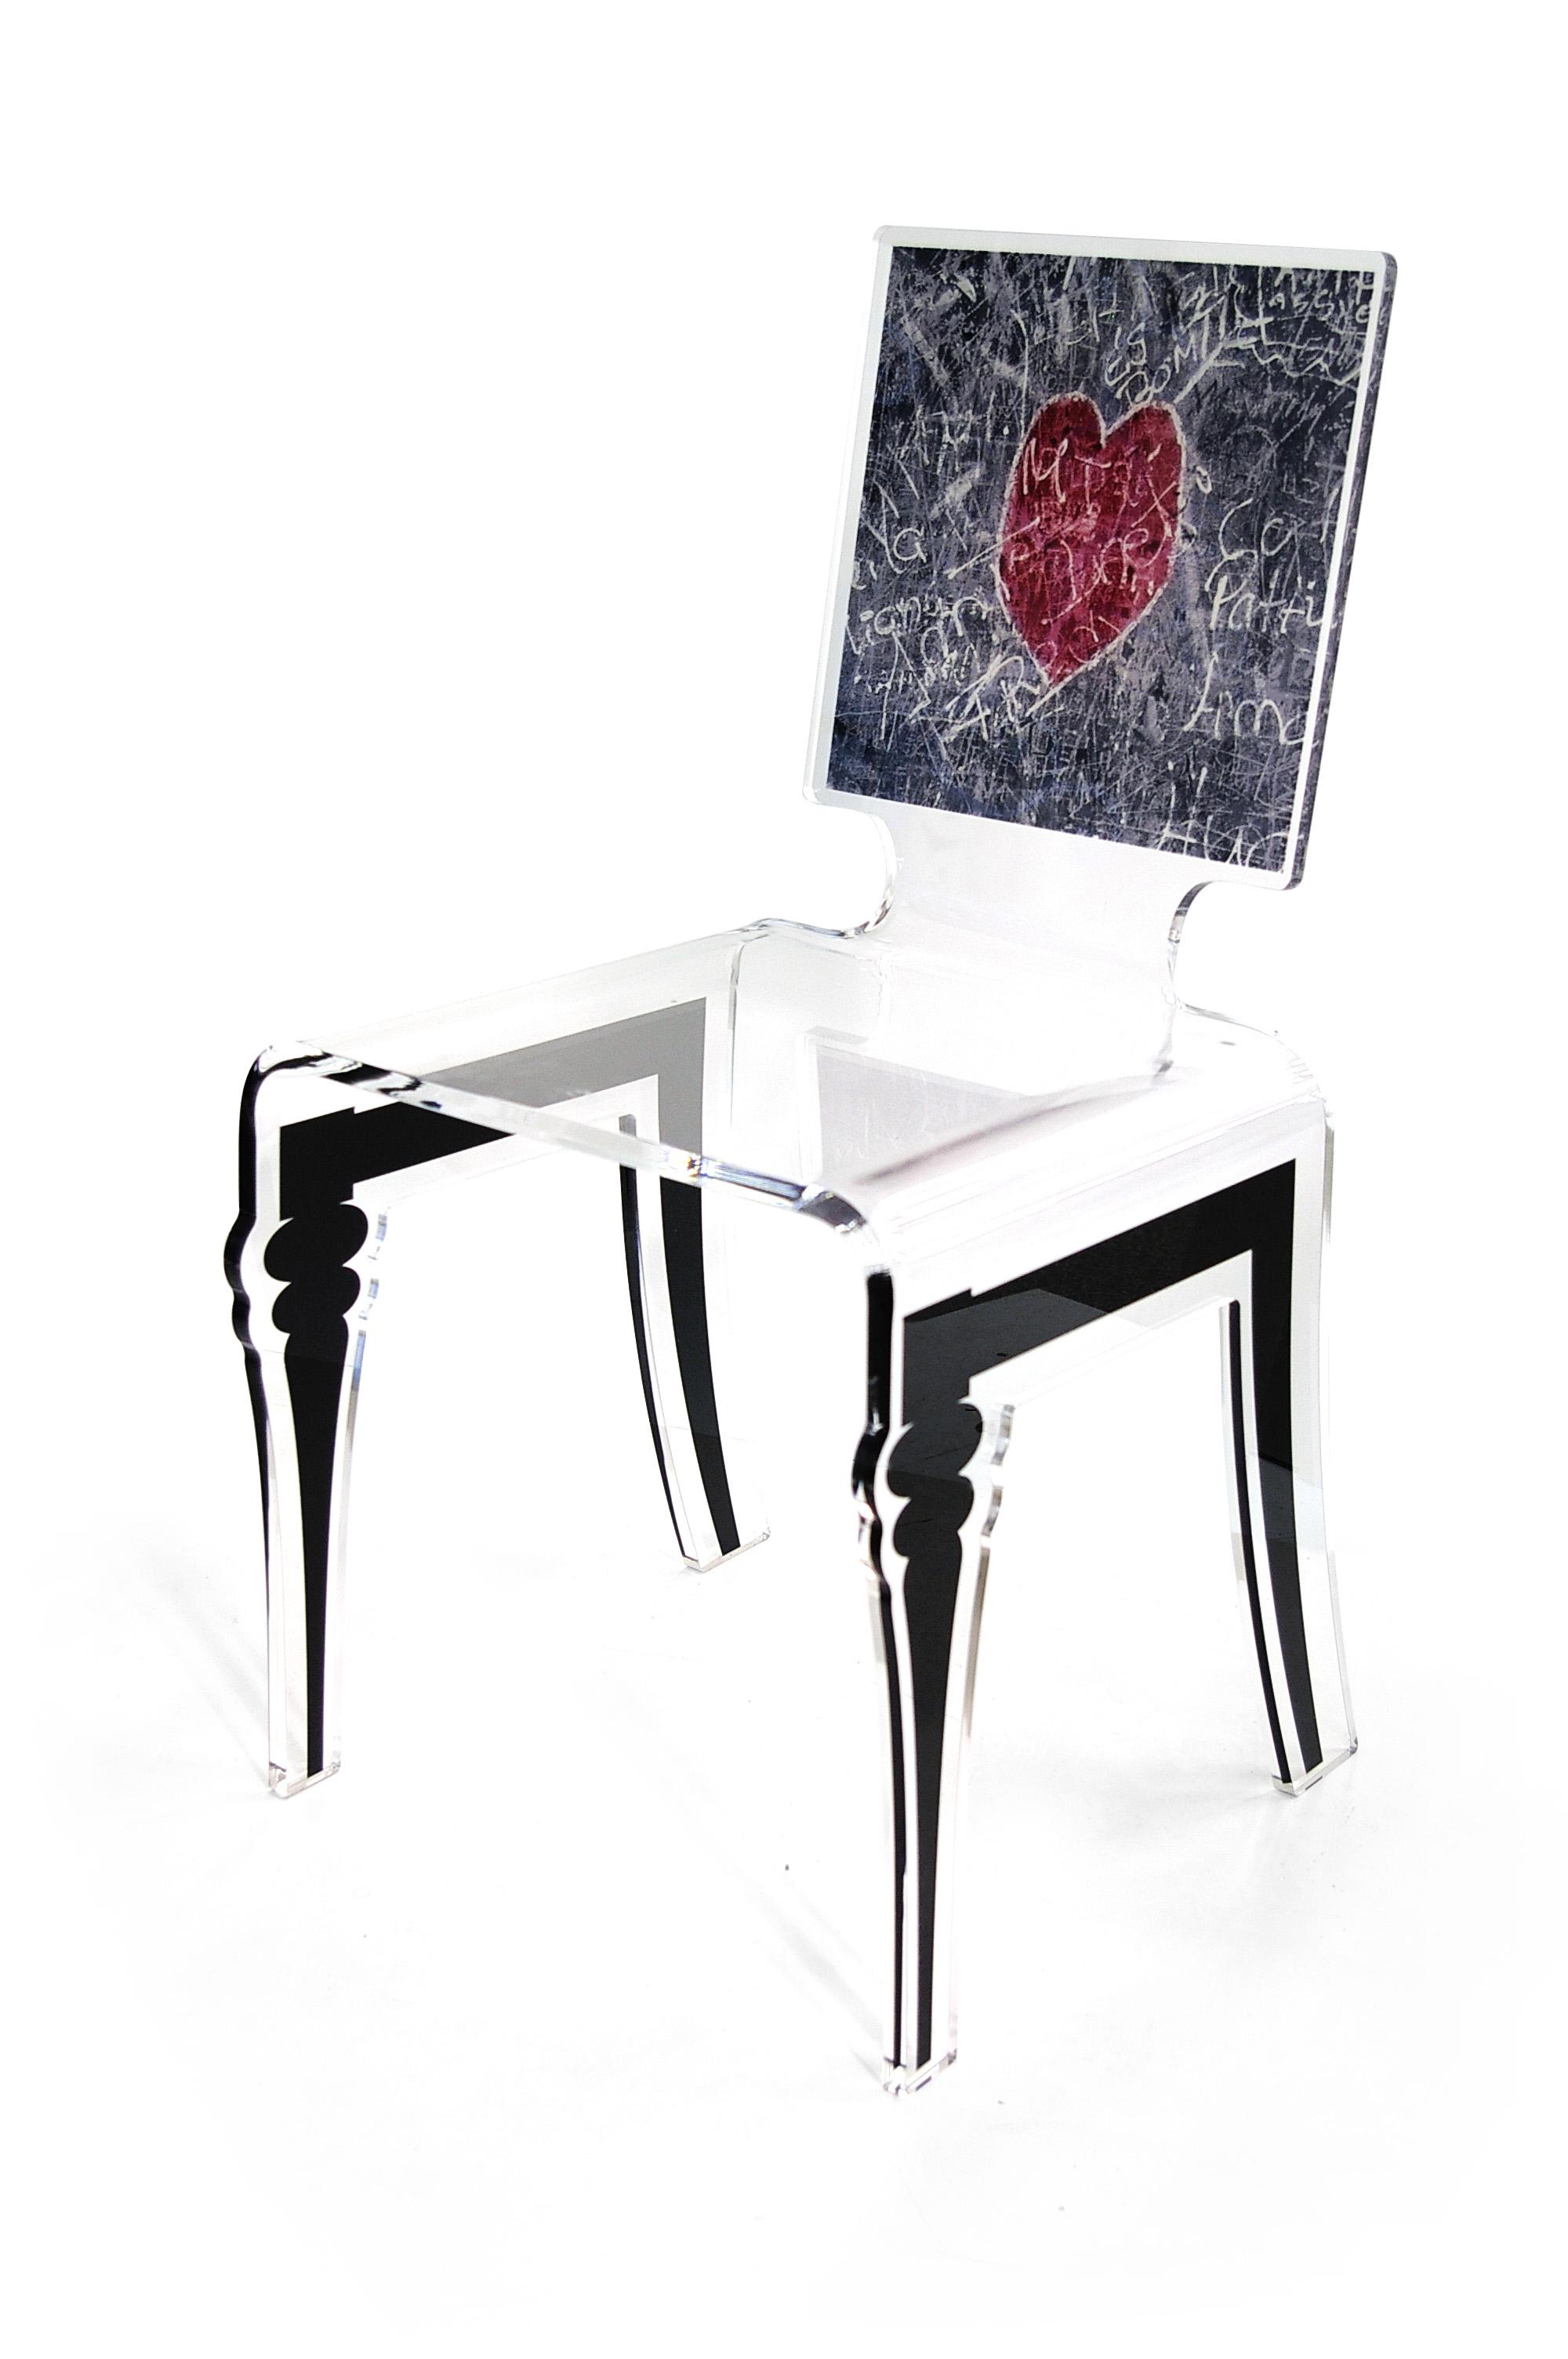 chaise graph 3.jpg